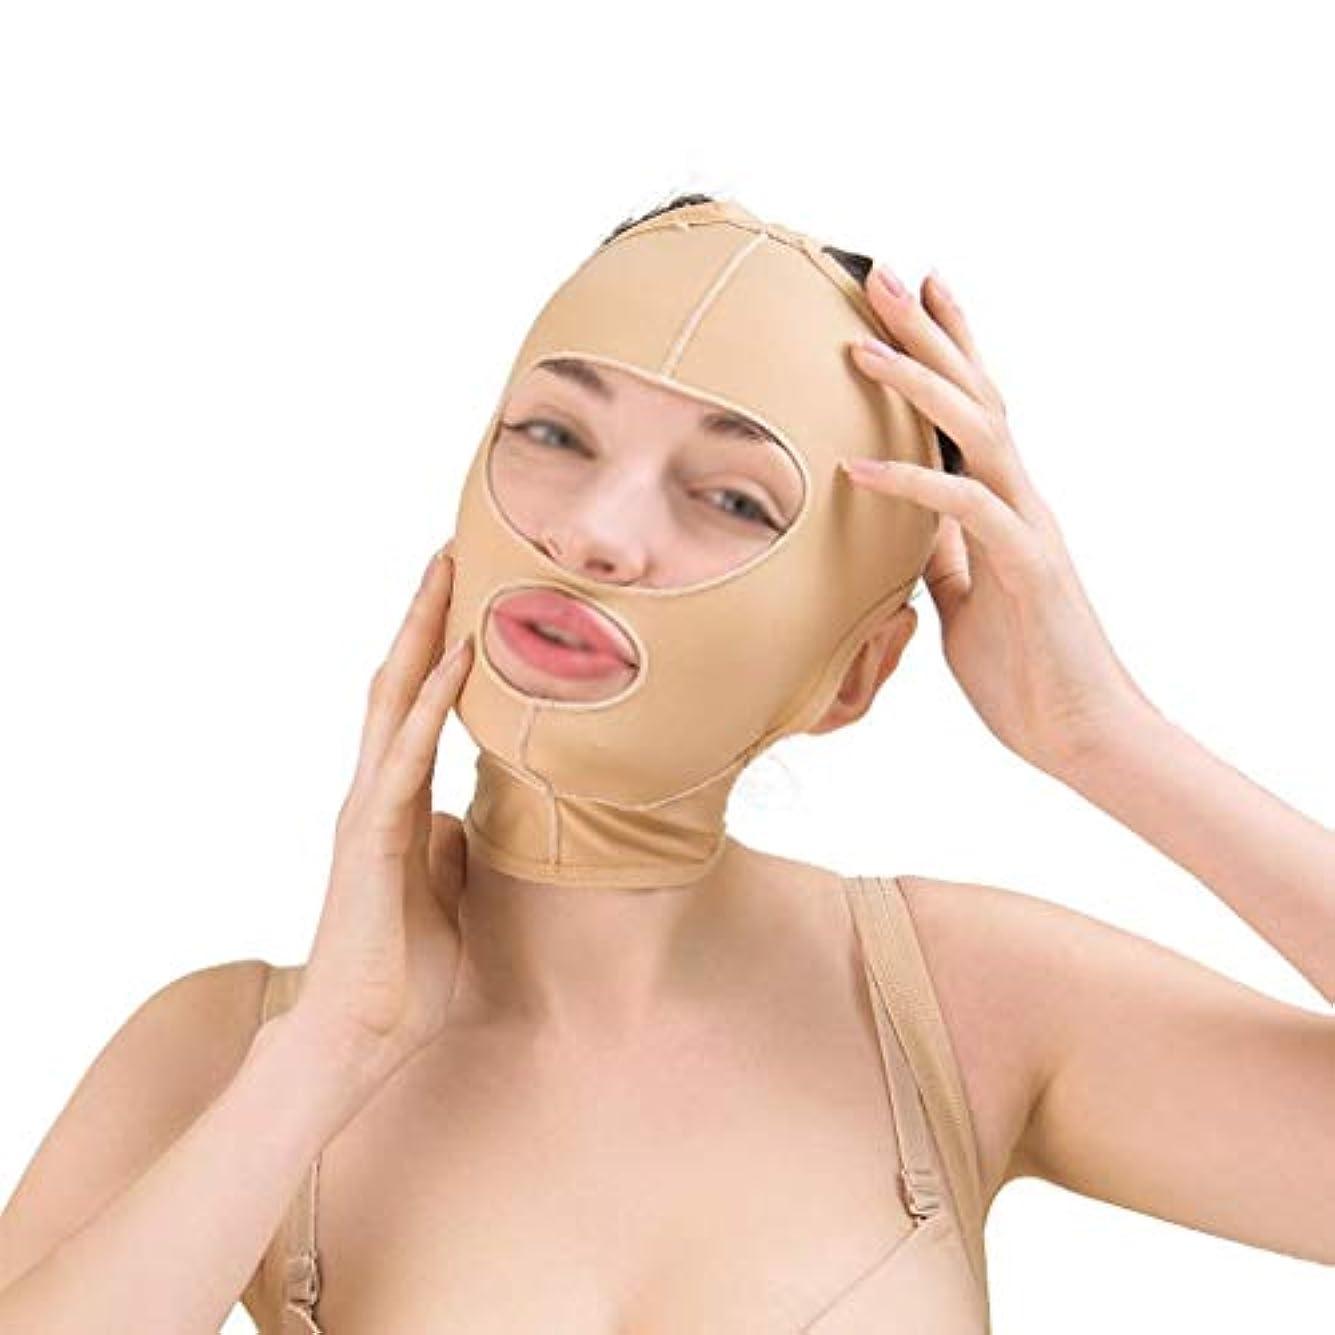 話飼いならす王朝美容フェイスリフト減量ベルト、ほおスリムフィット、通気性フェイスリフト、引き締め、リフティング包帯、フェイシャルスキン包帯(サイズ:M),L